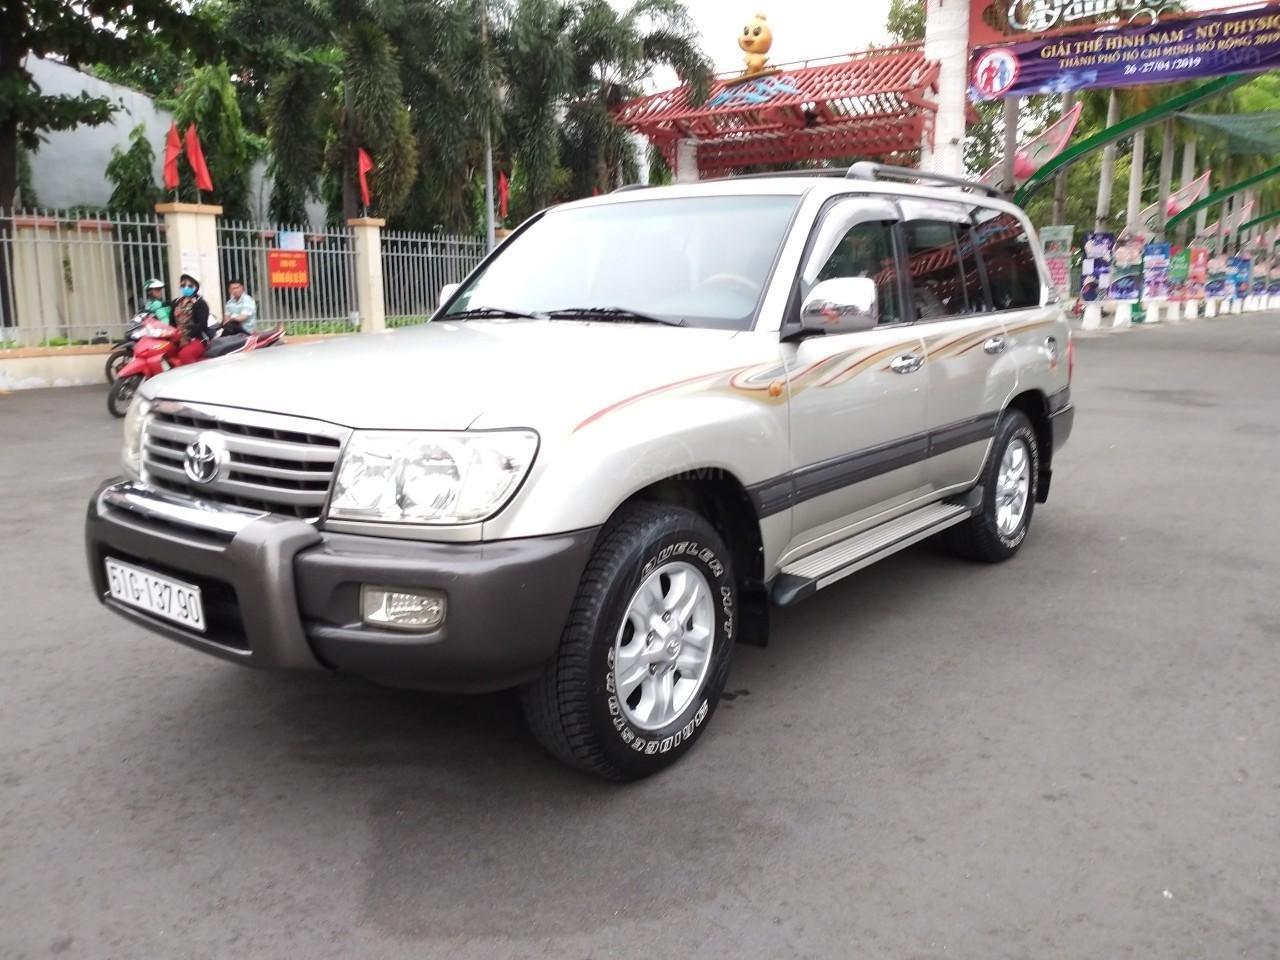 Toyota Land Cruiser GX model 2006, màu bạc, nhập khẩu còn mới toanh-3